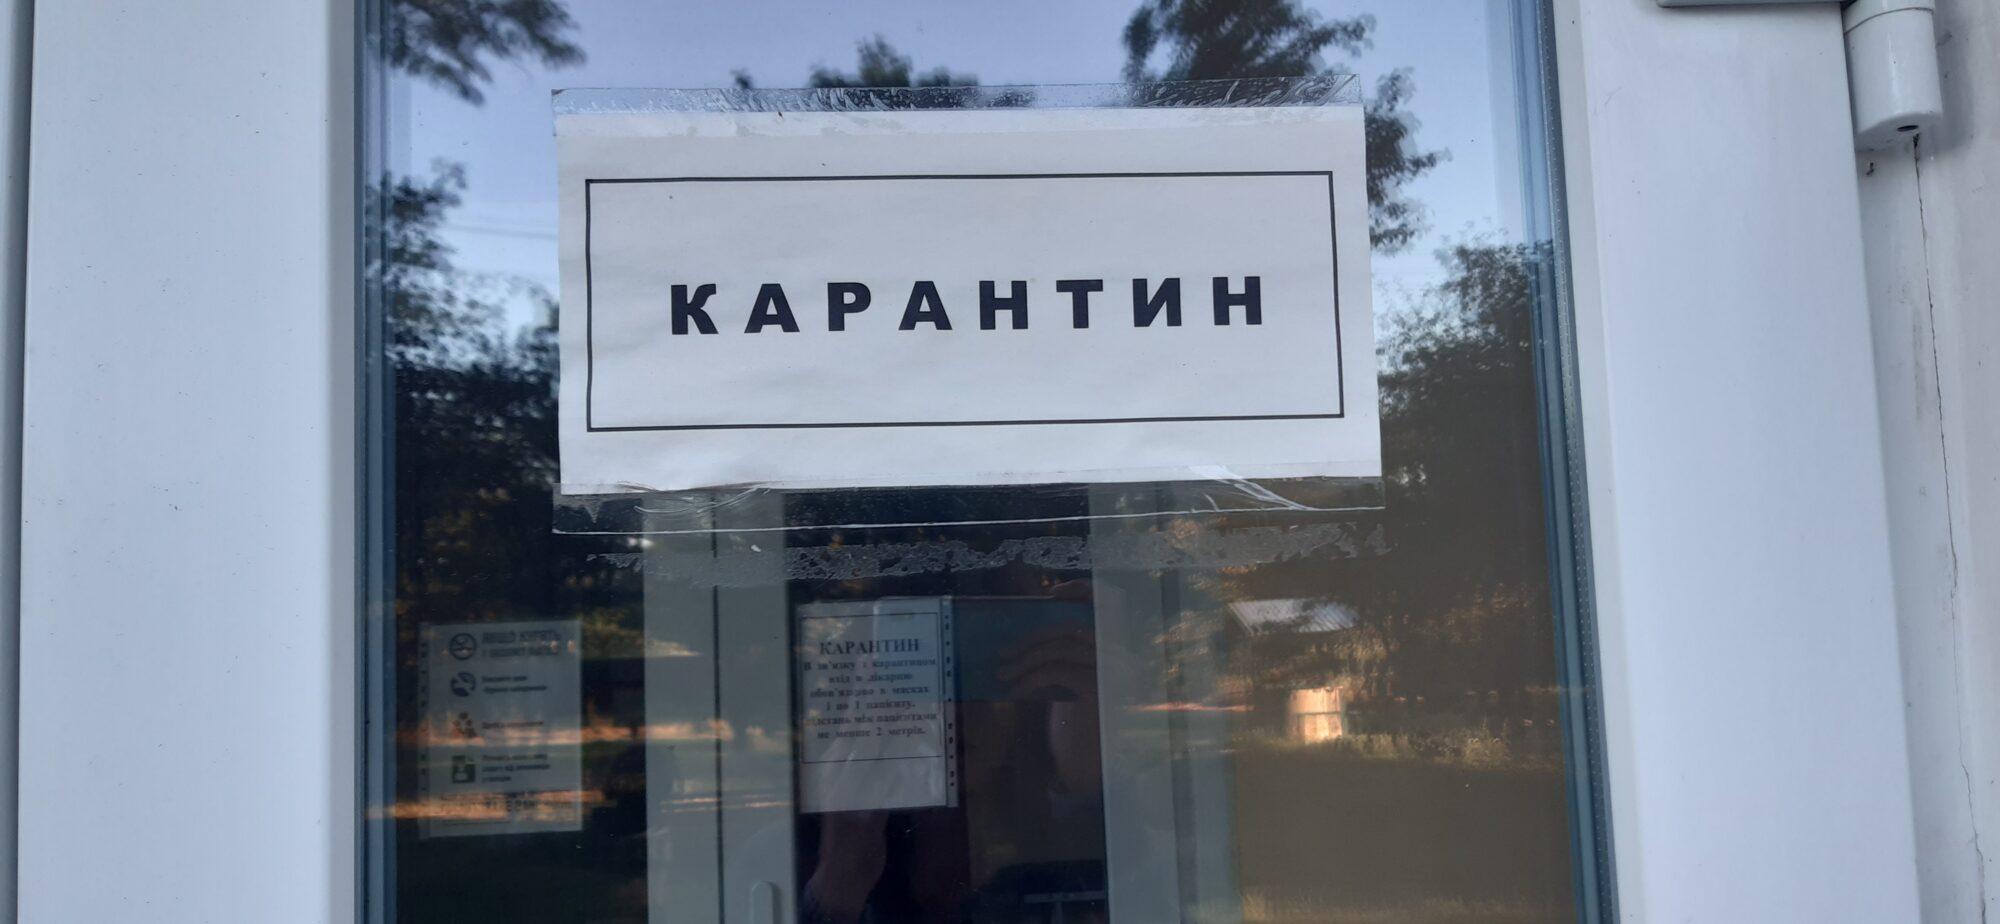 В Україні продовжили адаптивний карантин - уряд України, Україна, коронавірус, карантин - 20200802 193654 2000x924